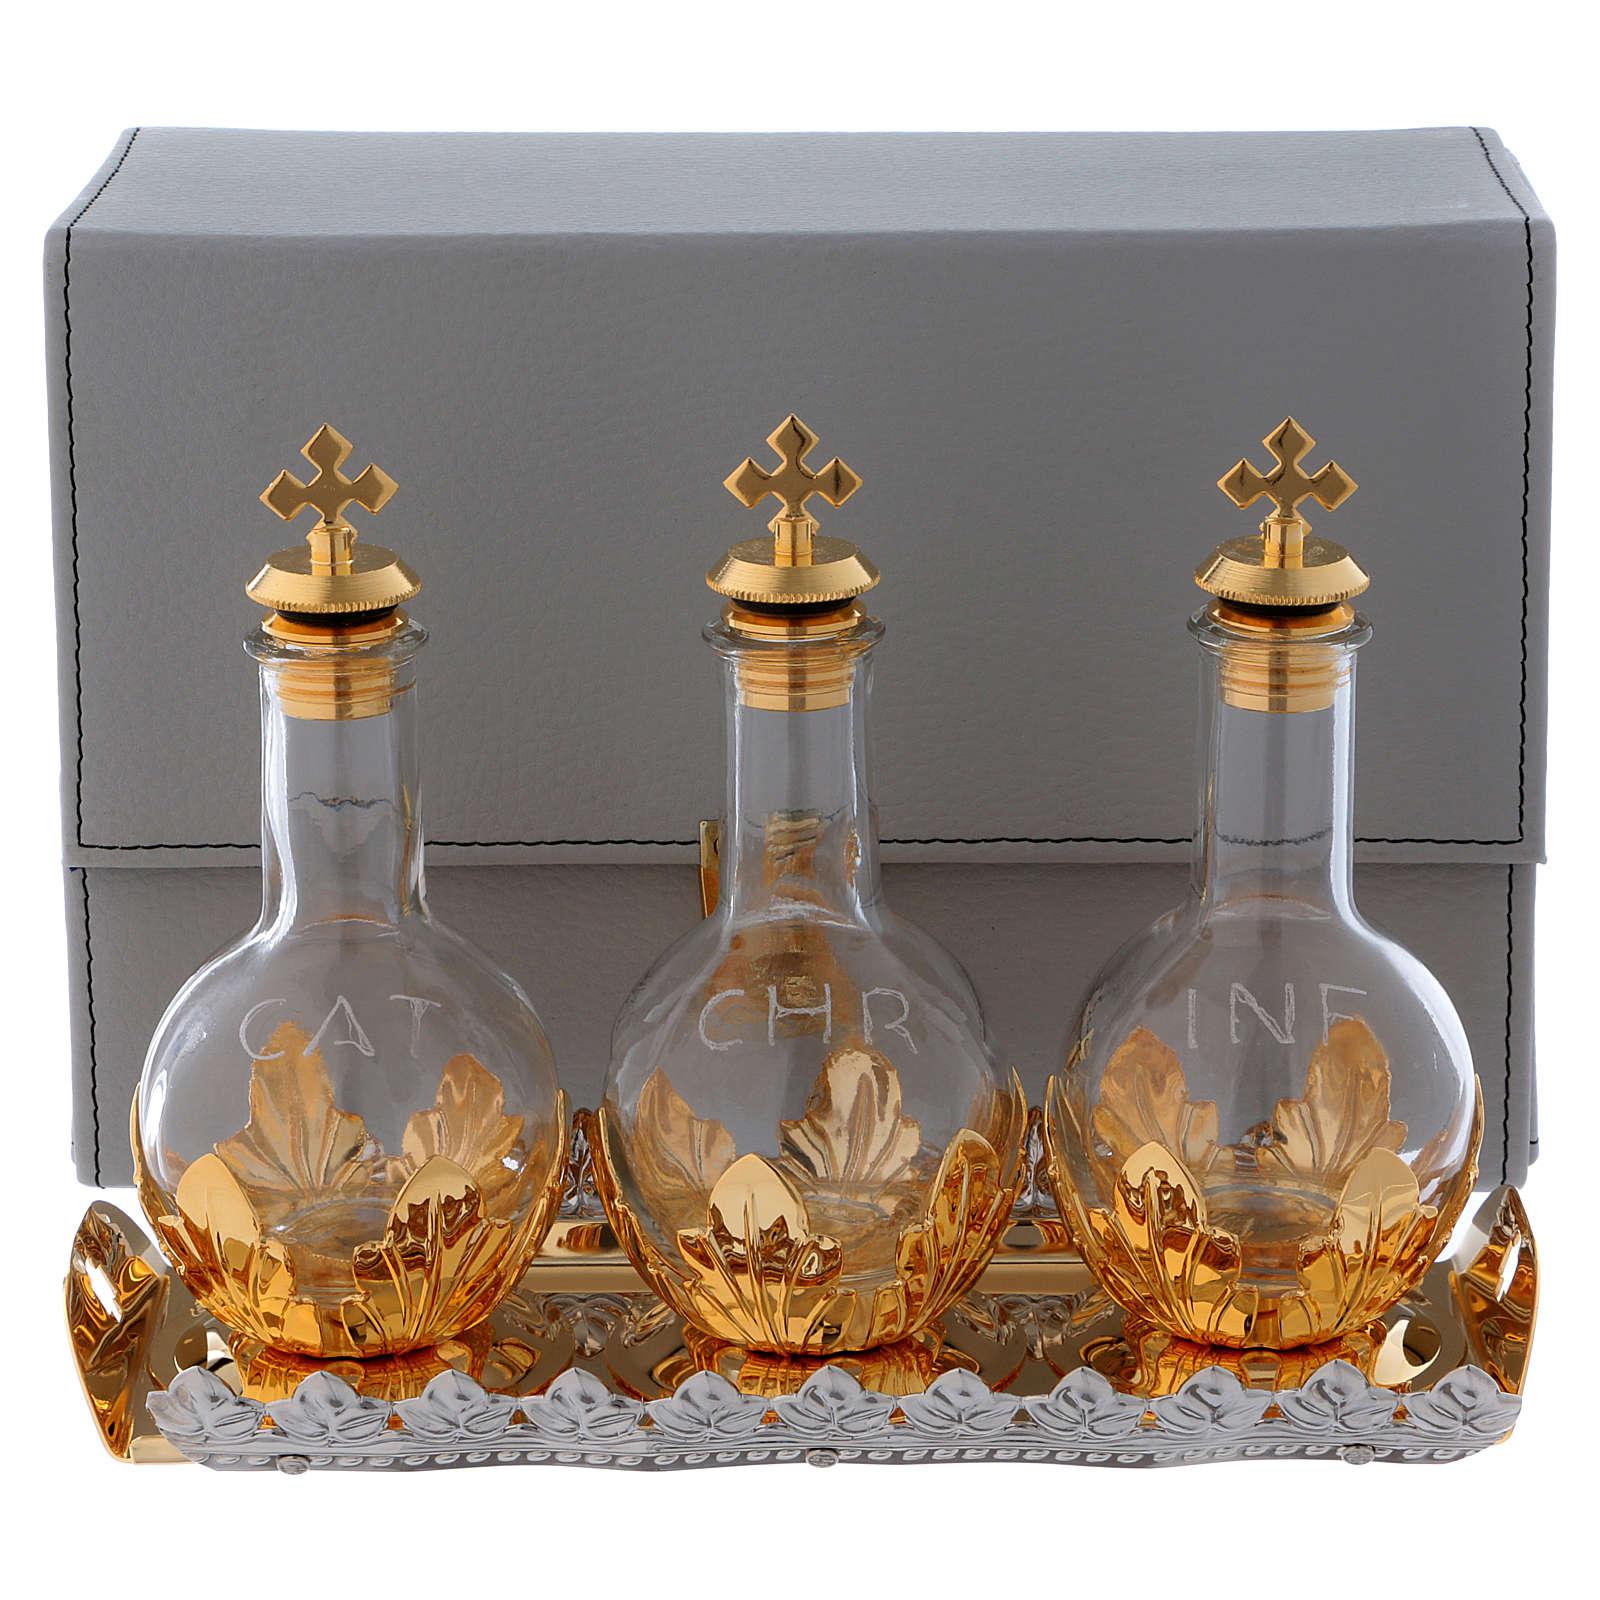 Étui avec trois ampoules bouchon à vis et plateau set pour huiles saintes 3